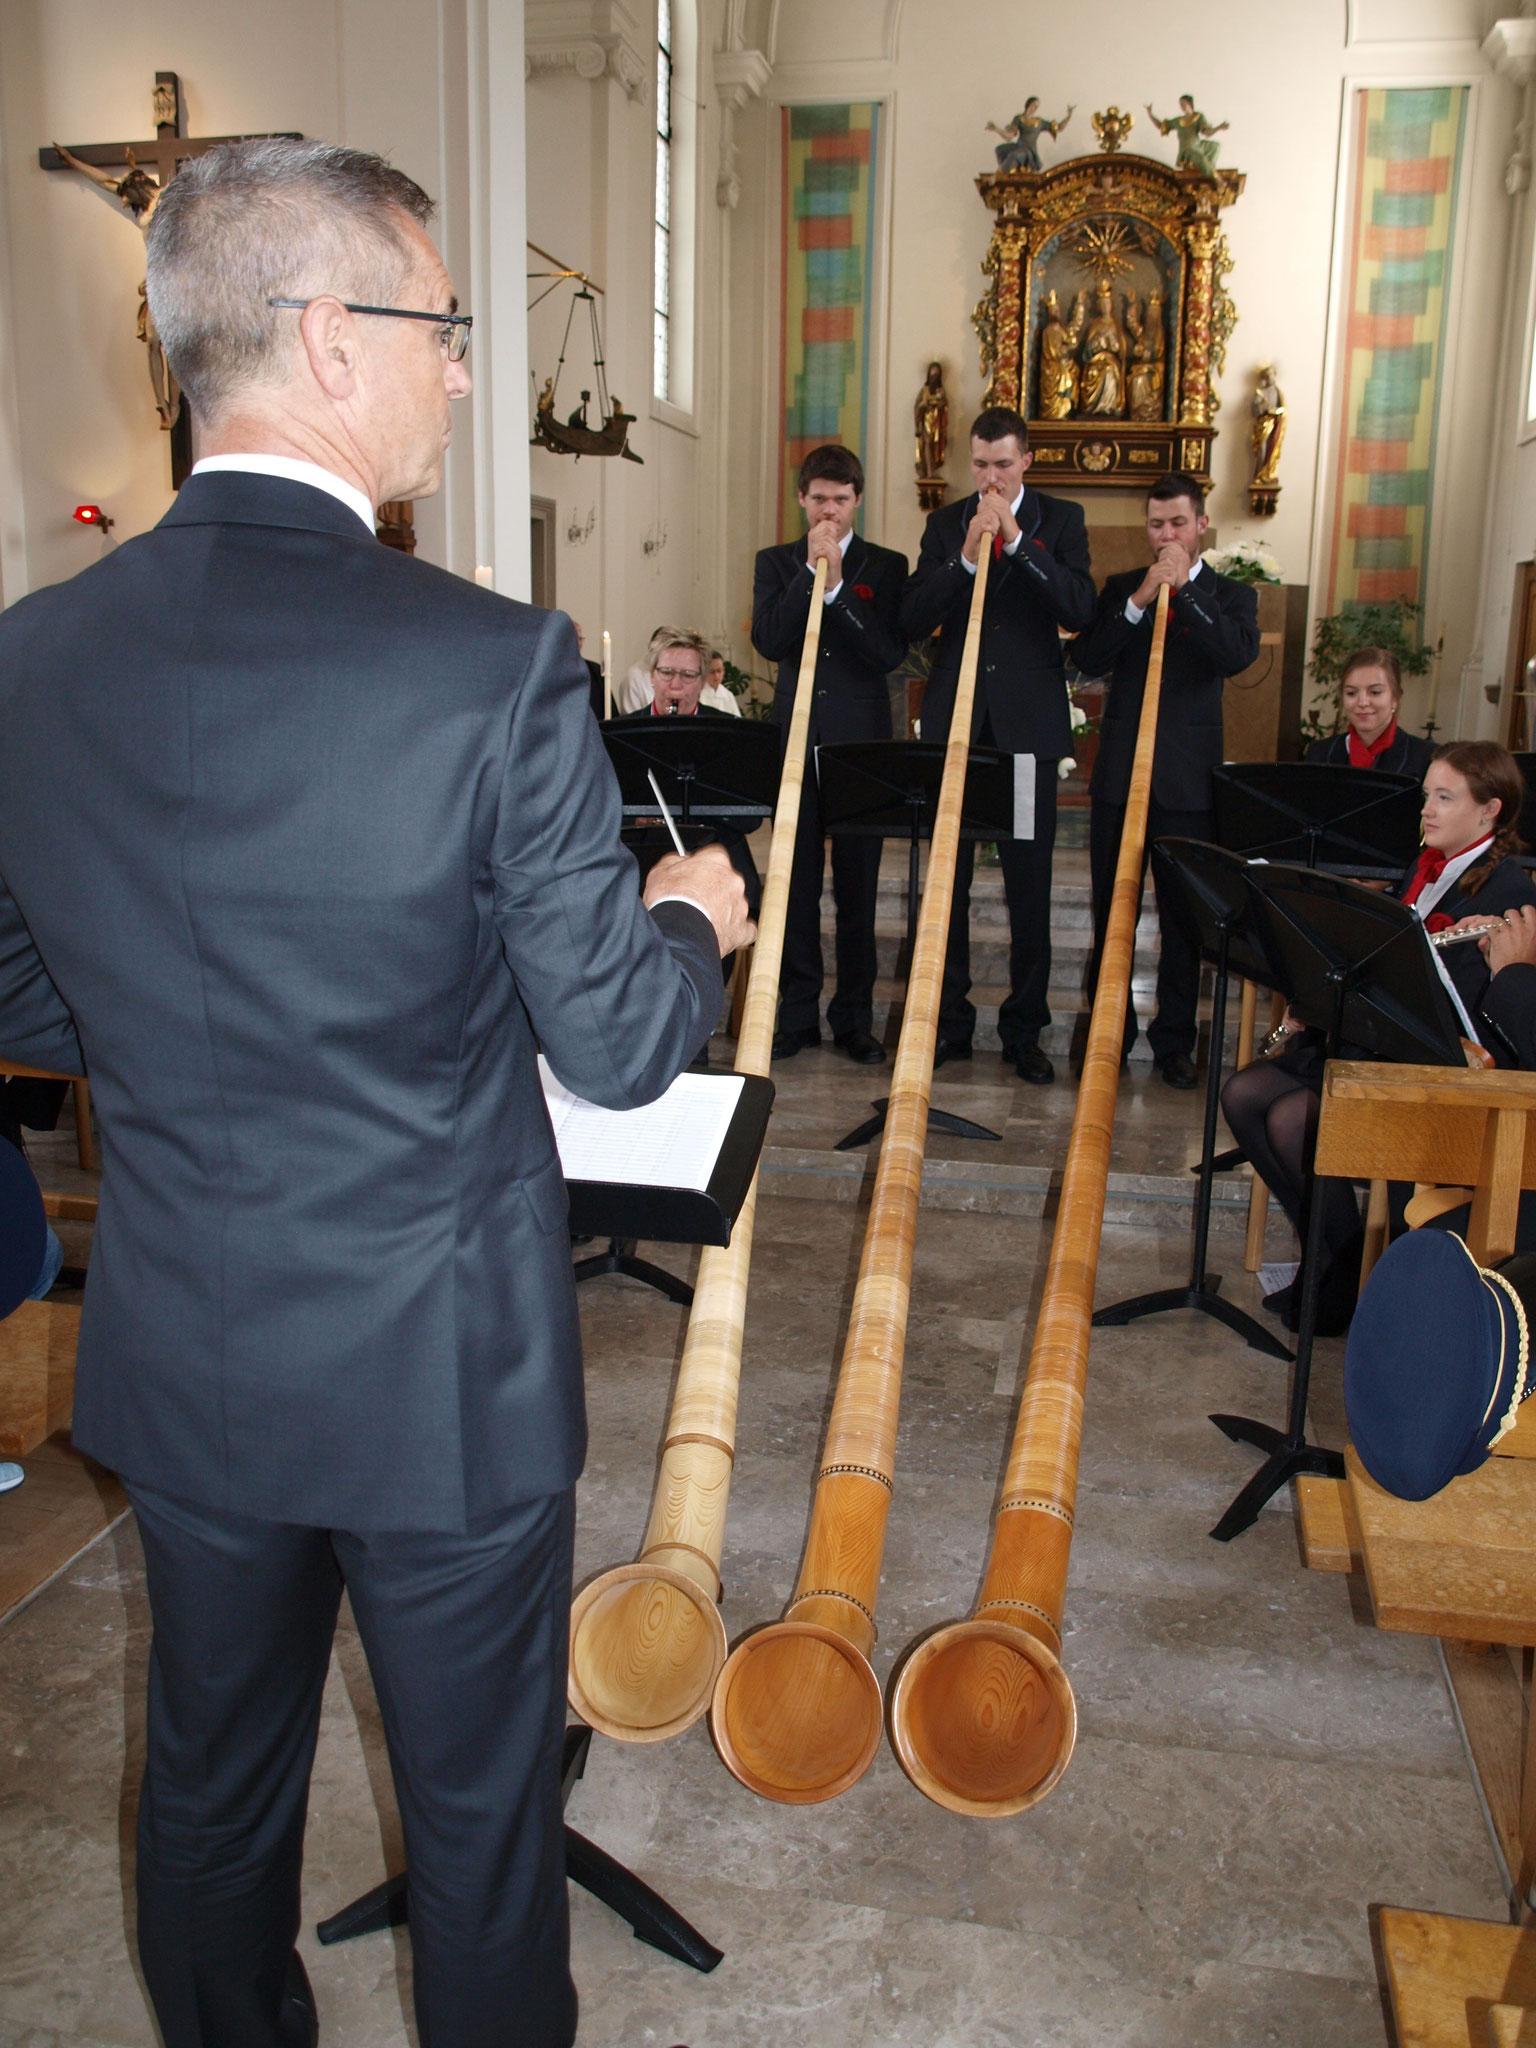 Unsere drei Alphornisten füllten die Kirche mit wunderschönen Klängen.